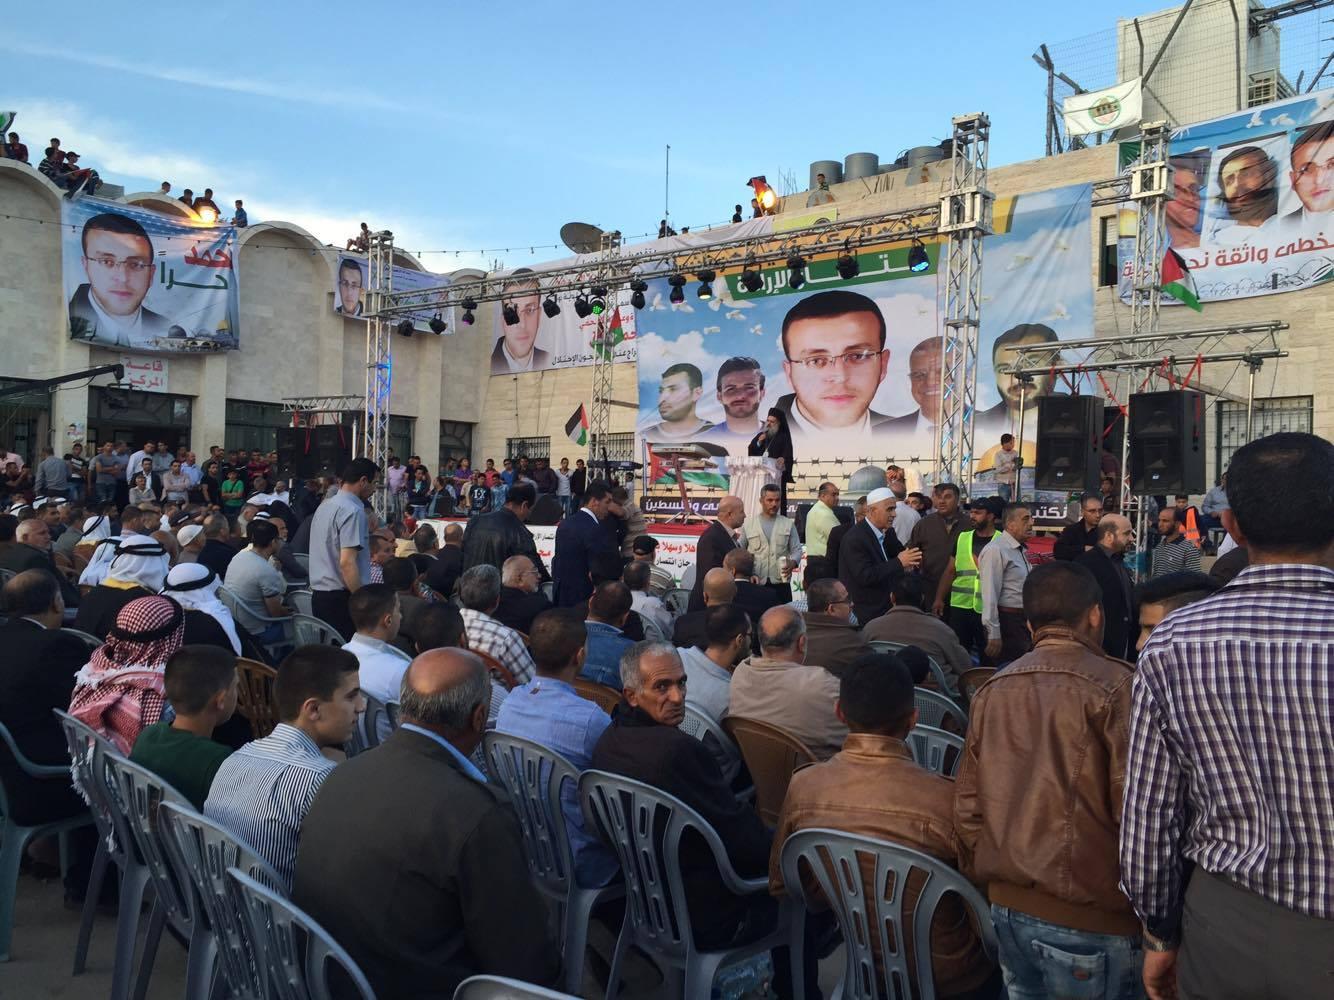 Celebrations in Hebron for Al-Qiq's release - Photo by Jordan Siegel